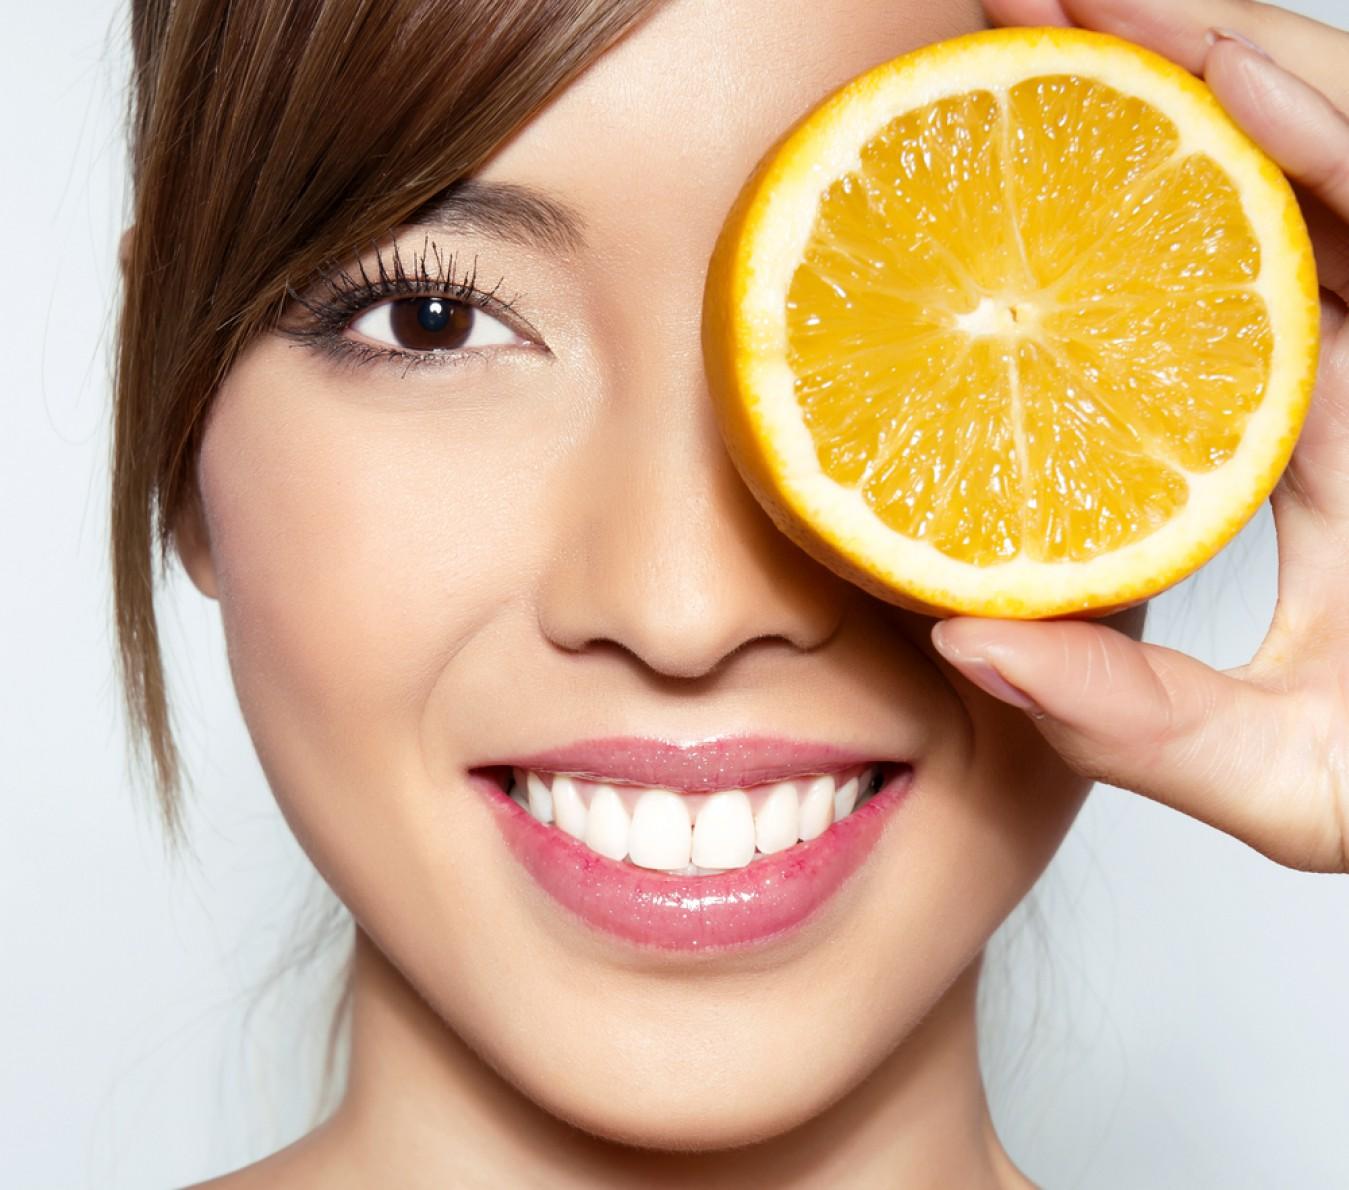 Khasiat minyak kelapa murni untuk wajah